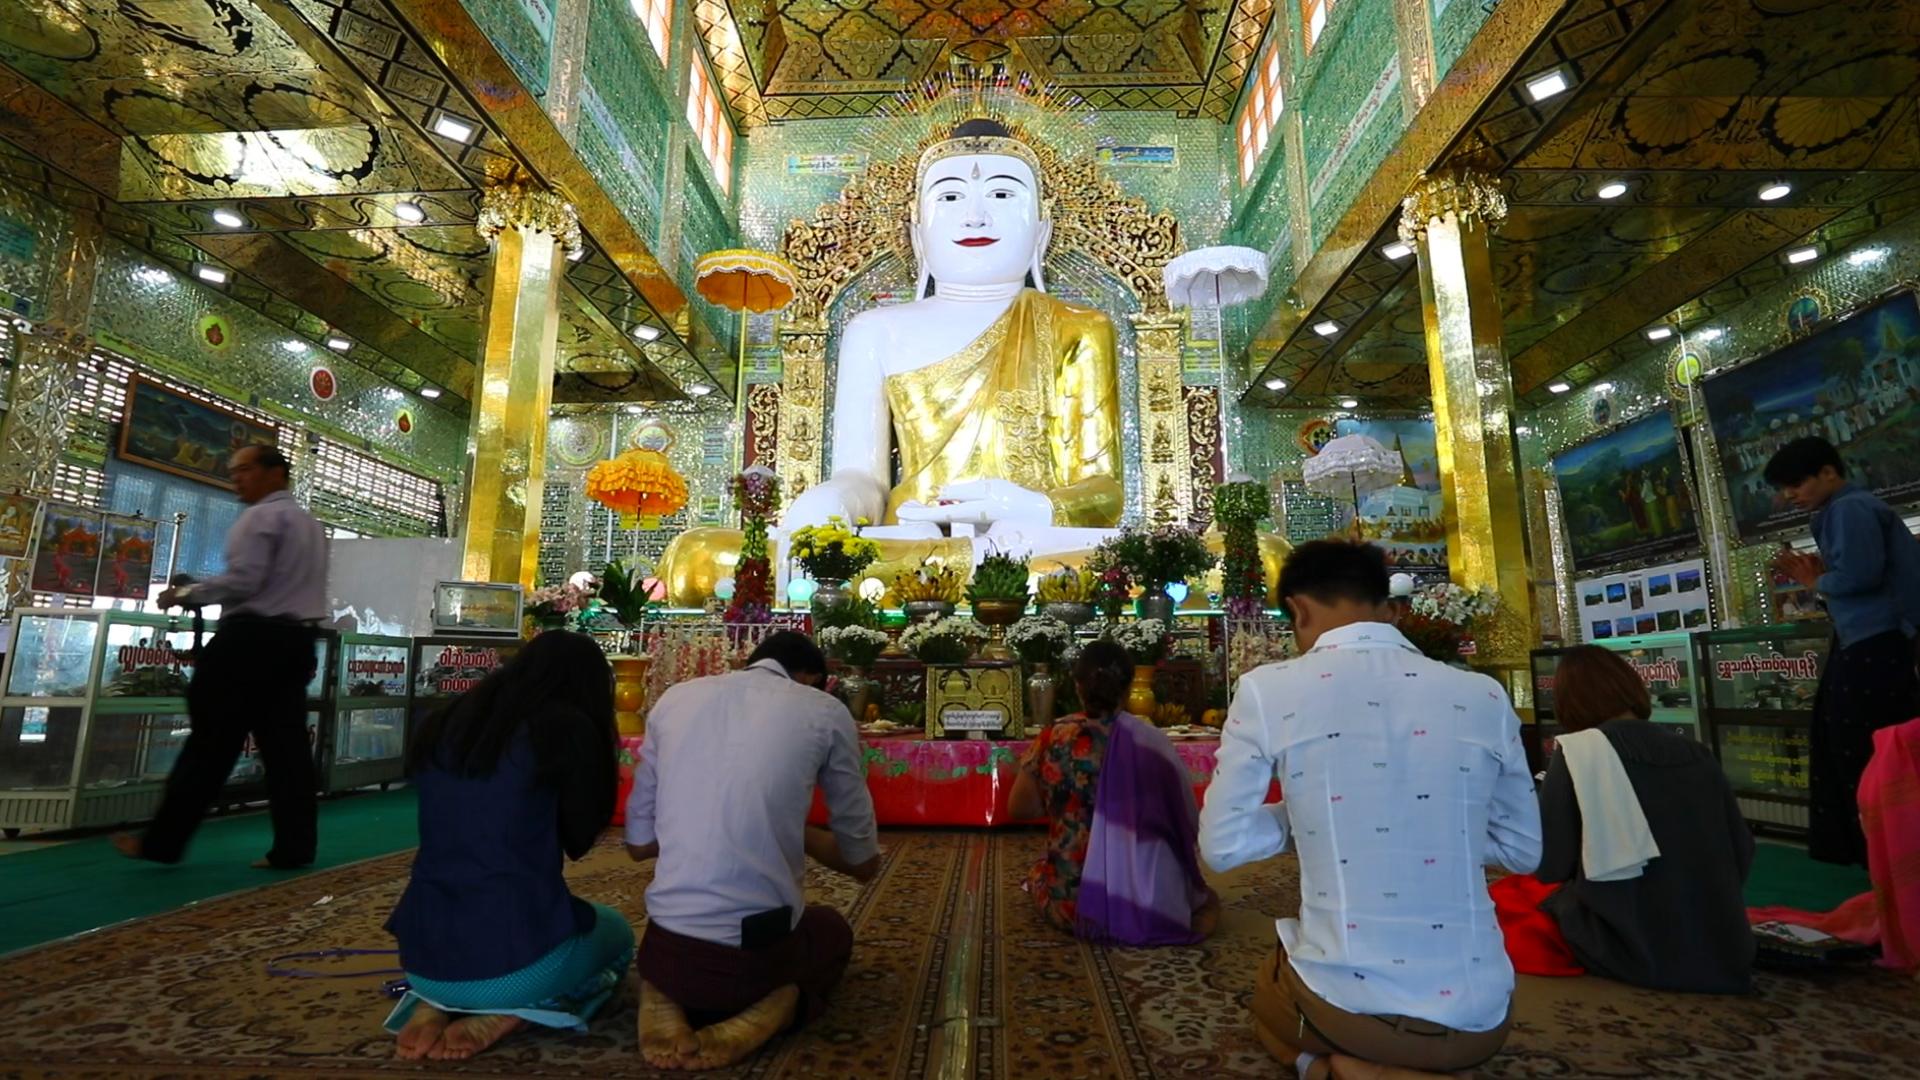 Поклонението на духовете нат се слива синкретично с будизма.<br /> В течение на много векове будизмът Теравада е бил основната религия в континенталната част на югоизточна Азия и на остров Шри Ланка. Към днешна дата в света се наброяват около 100 милиона Теравада будисти. През последните няколко десетилетия учението Теравада е започнало да се разпространява и на Запад.